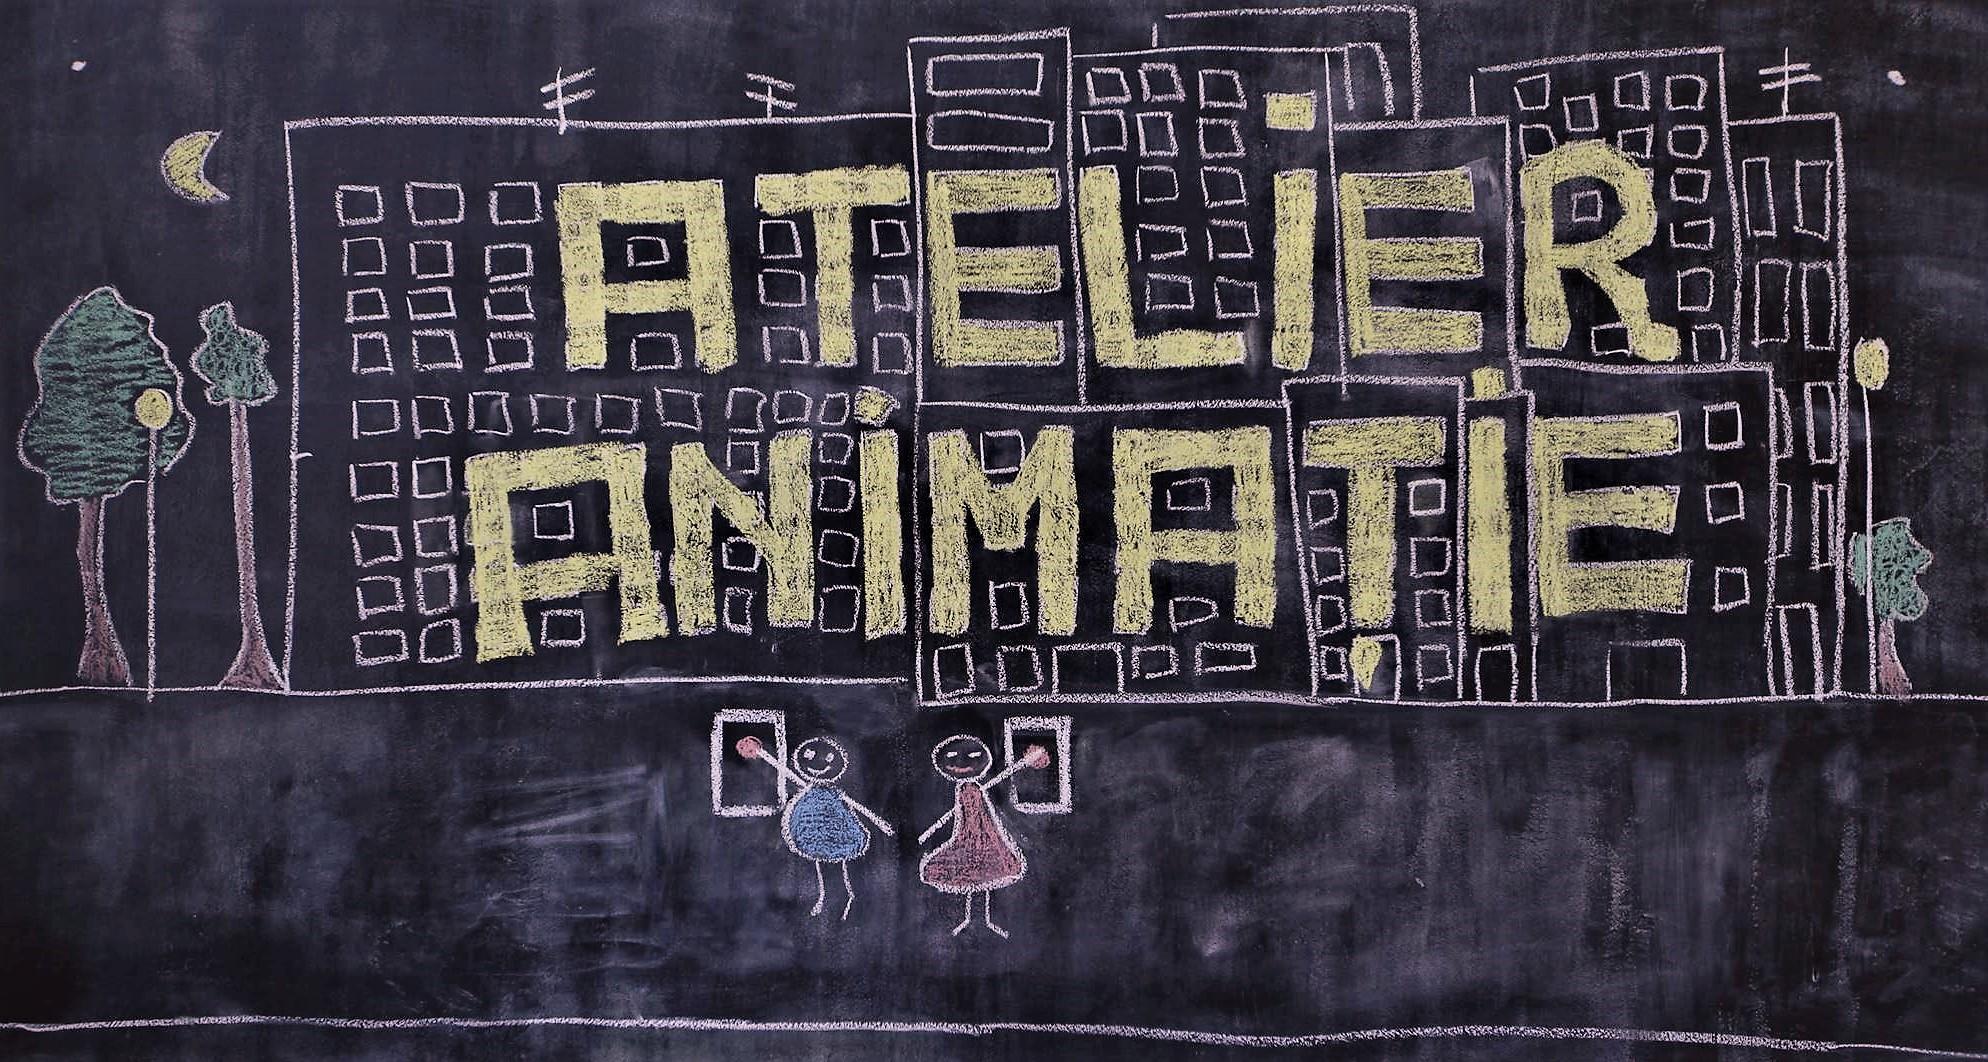 Atelierele de animatie